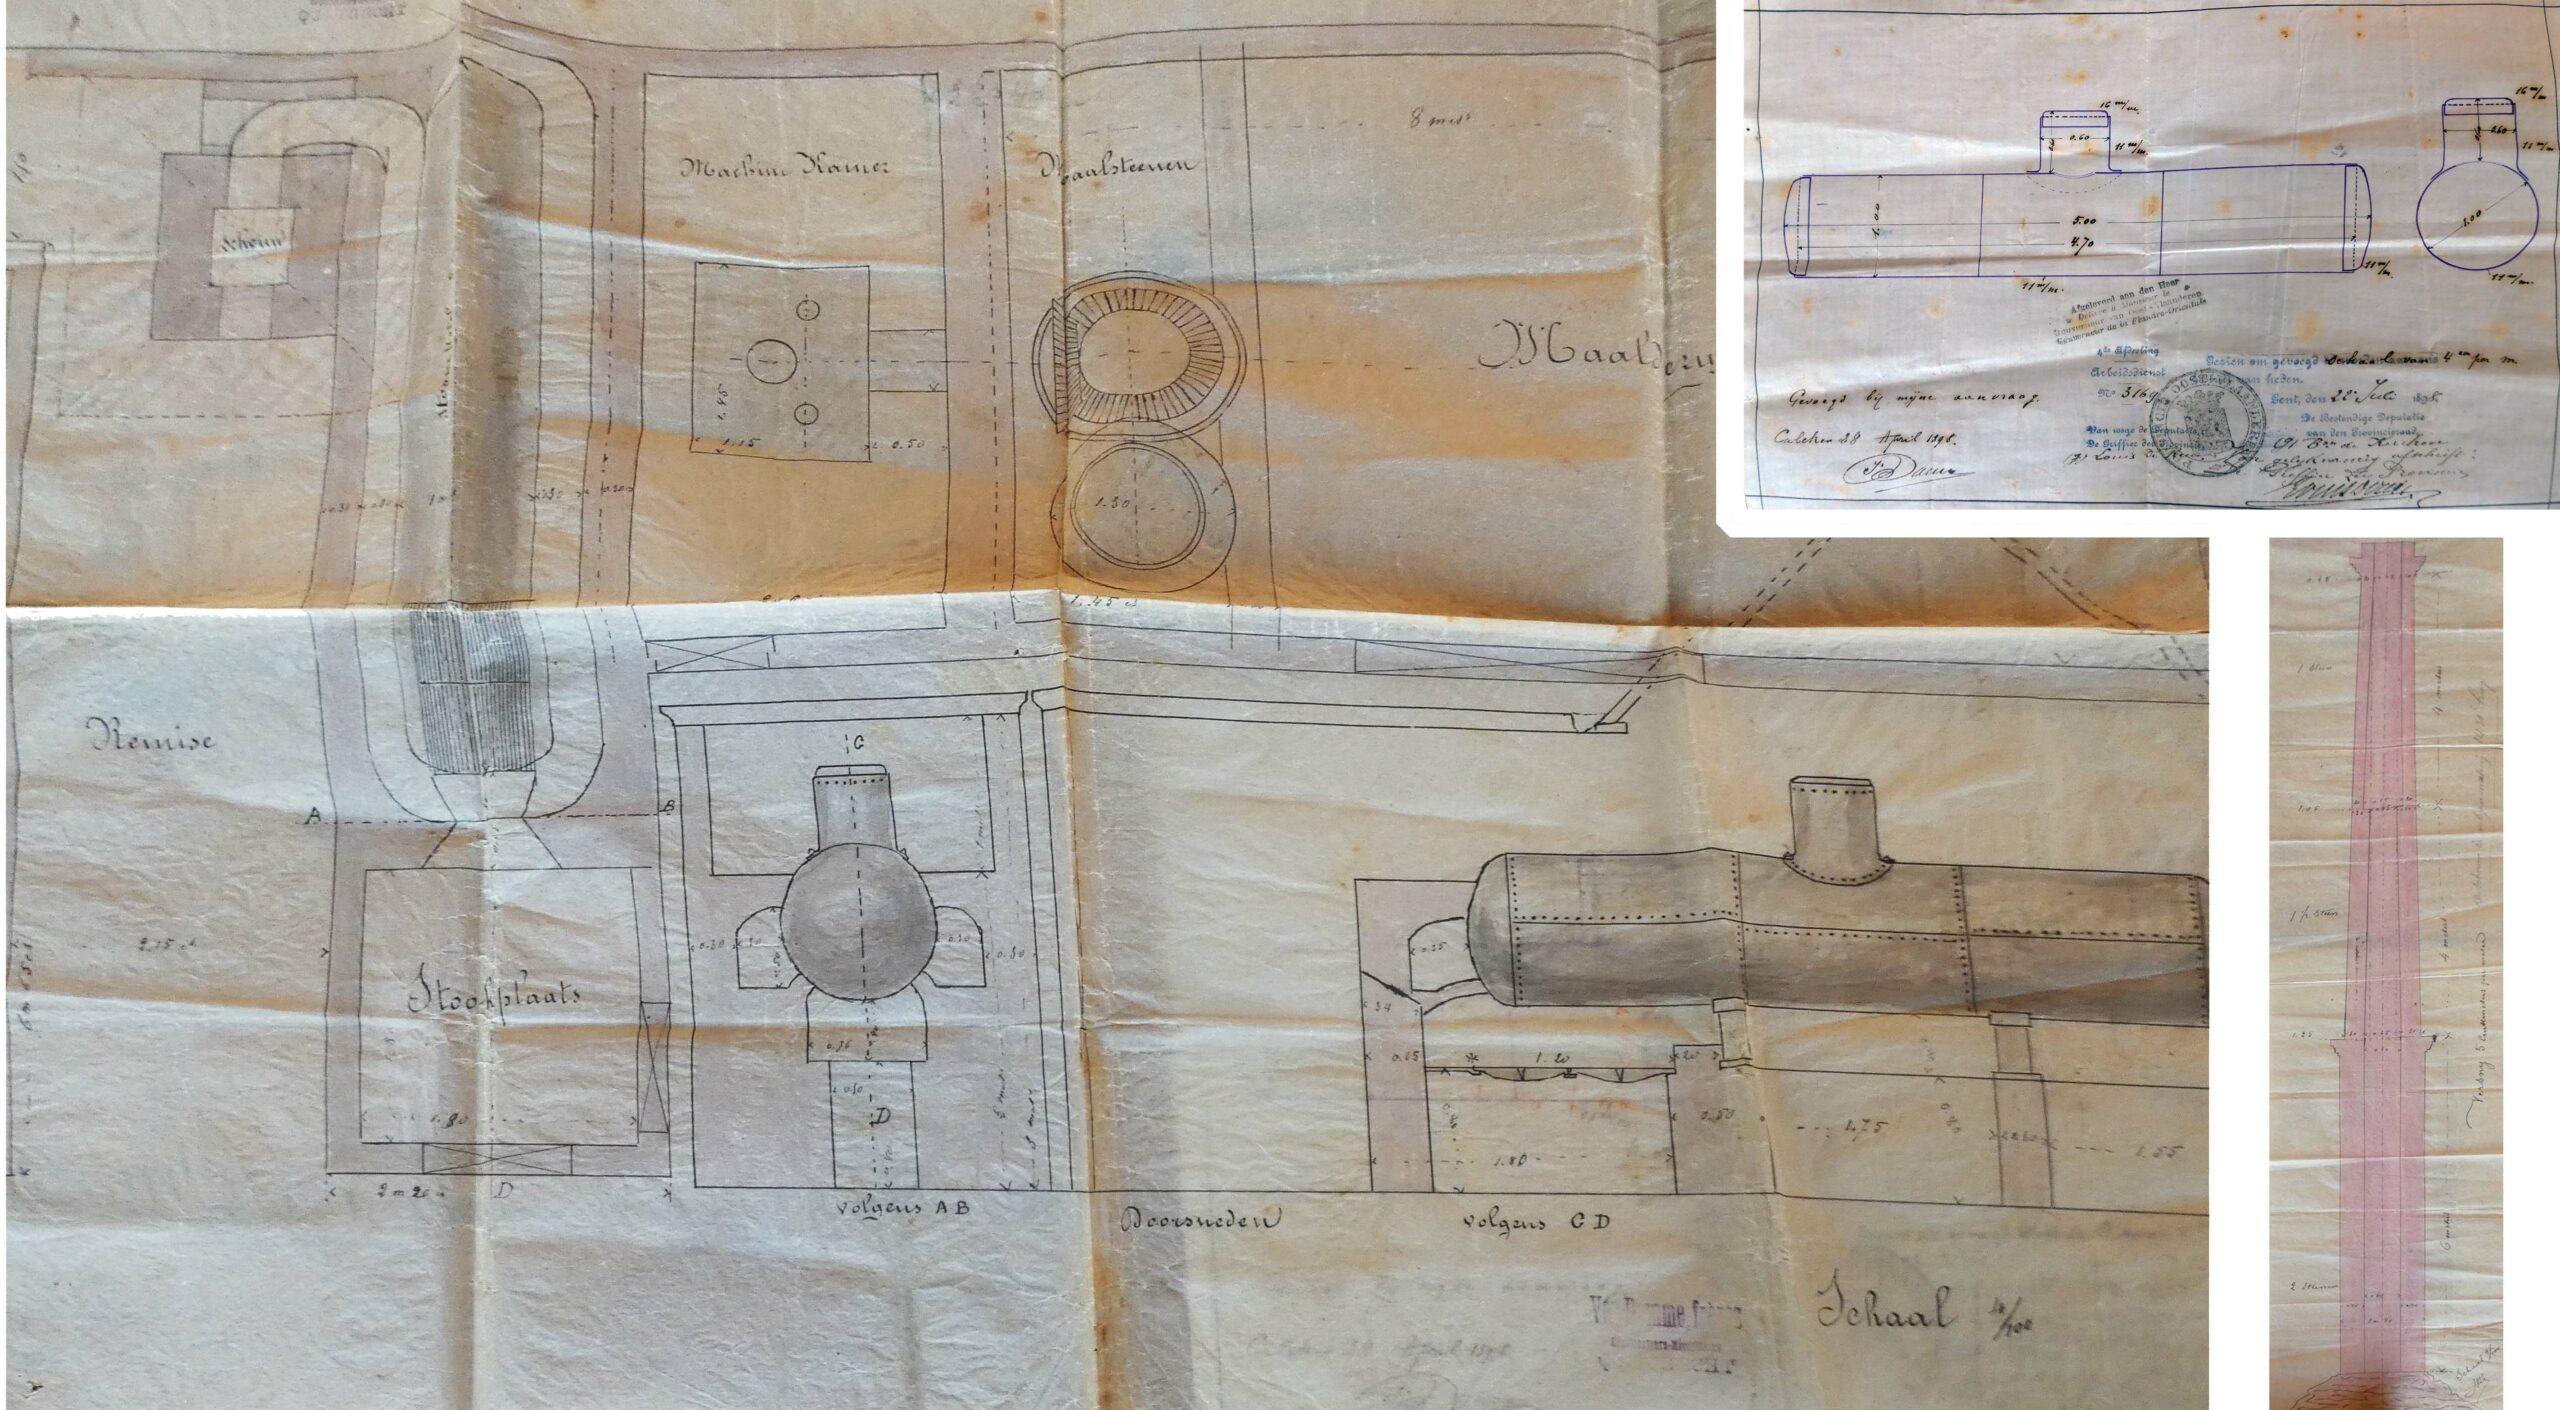 Oude tekeningen en registratiedocument uit 1898 van de stoommotor in de maalderij en van de hoge schoorsteen waarvan nu enkel de onderste laag stenen rest.